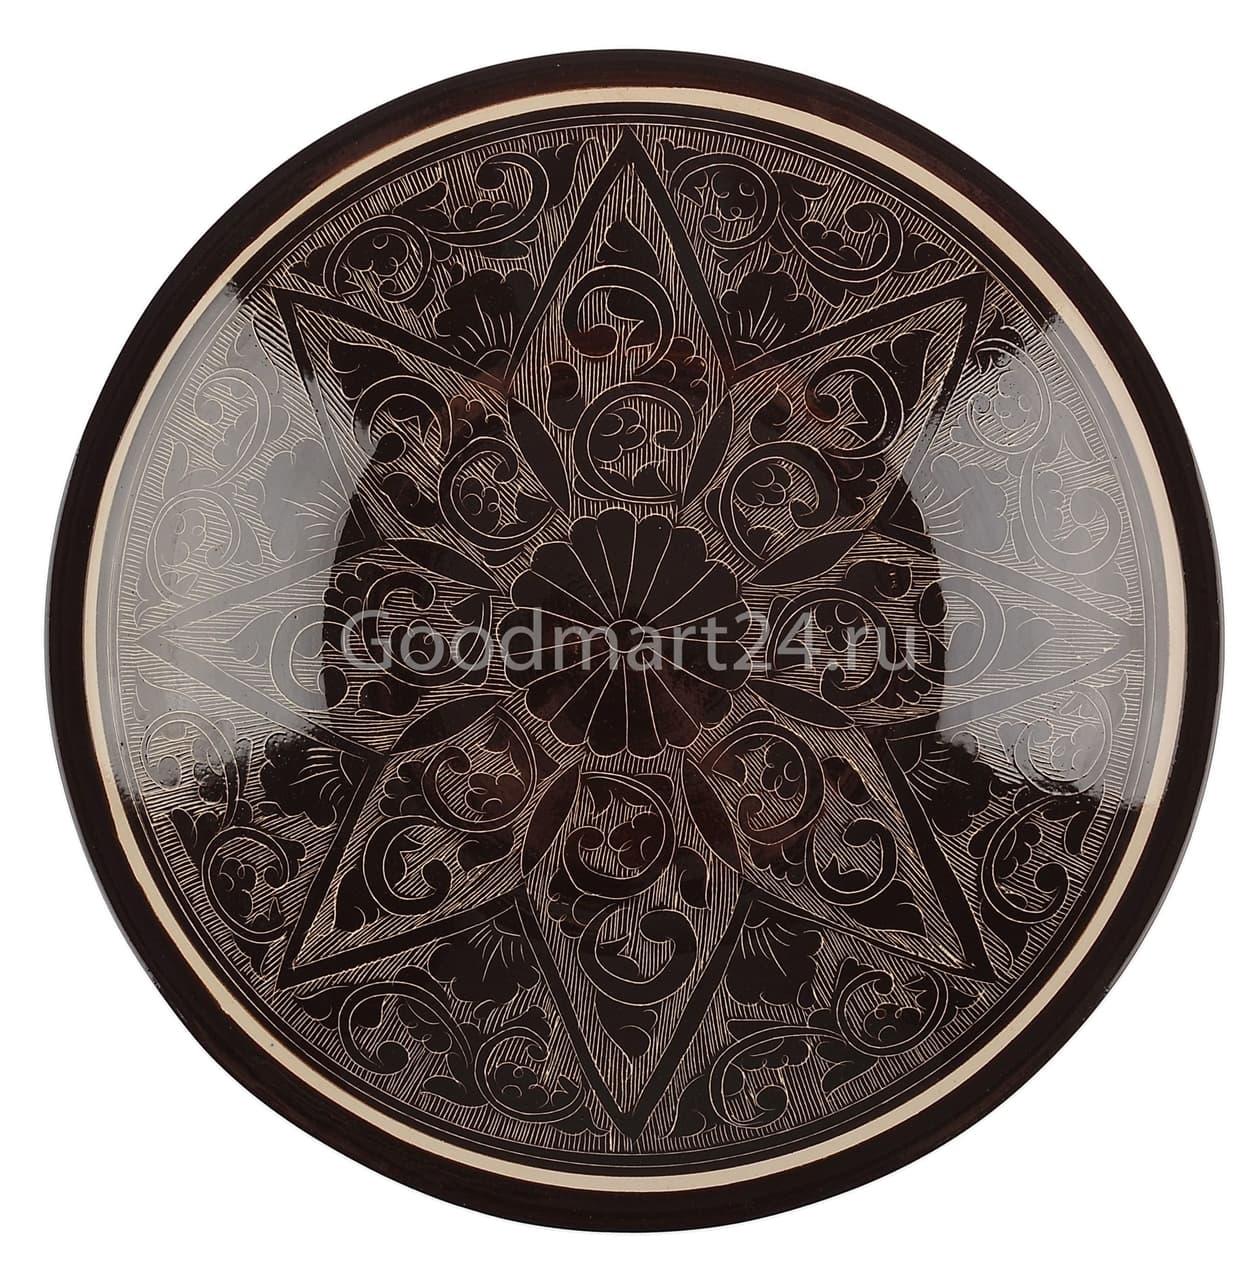 Тарелка глубокая Риштанская Керамика 19 см. коричневая - фото 7535